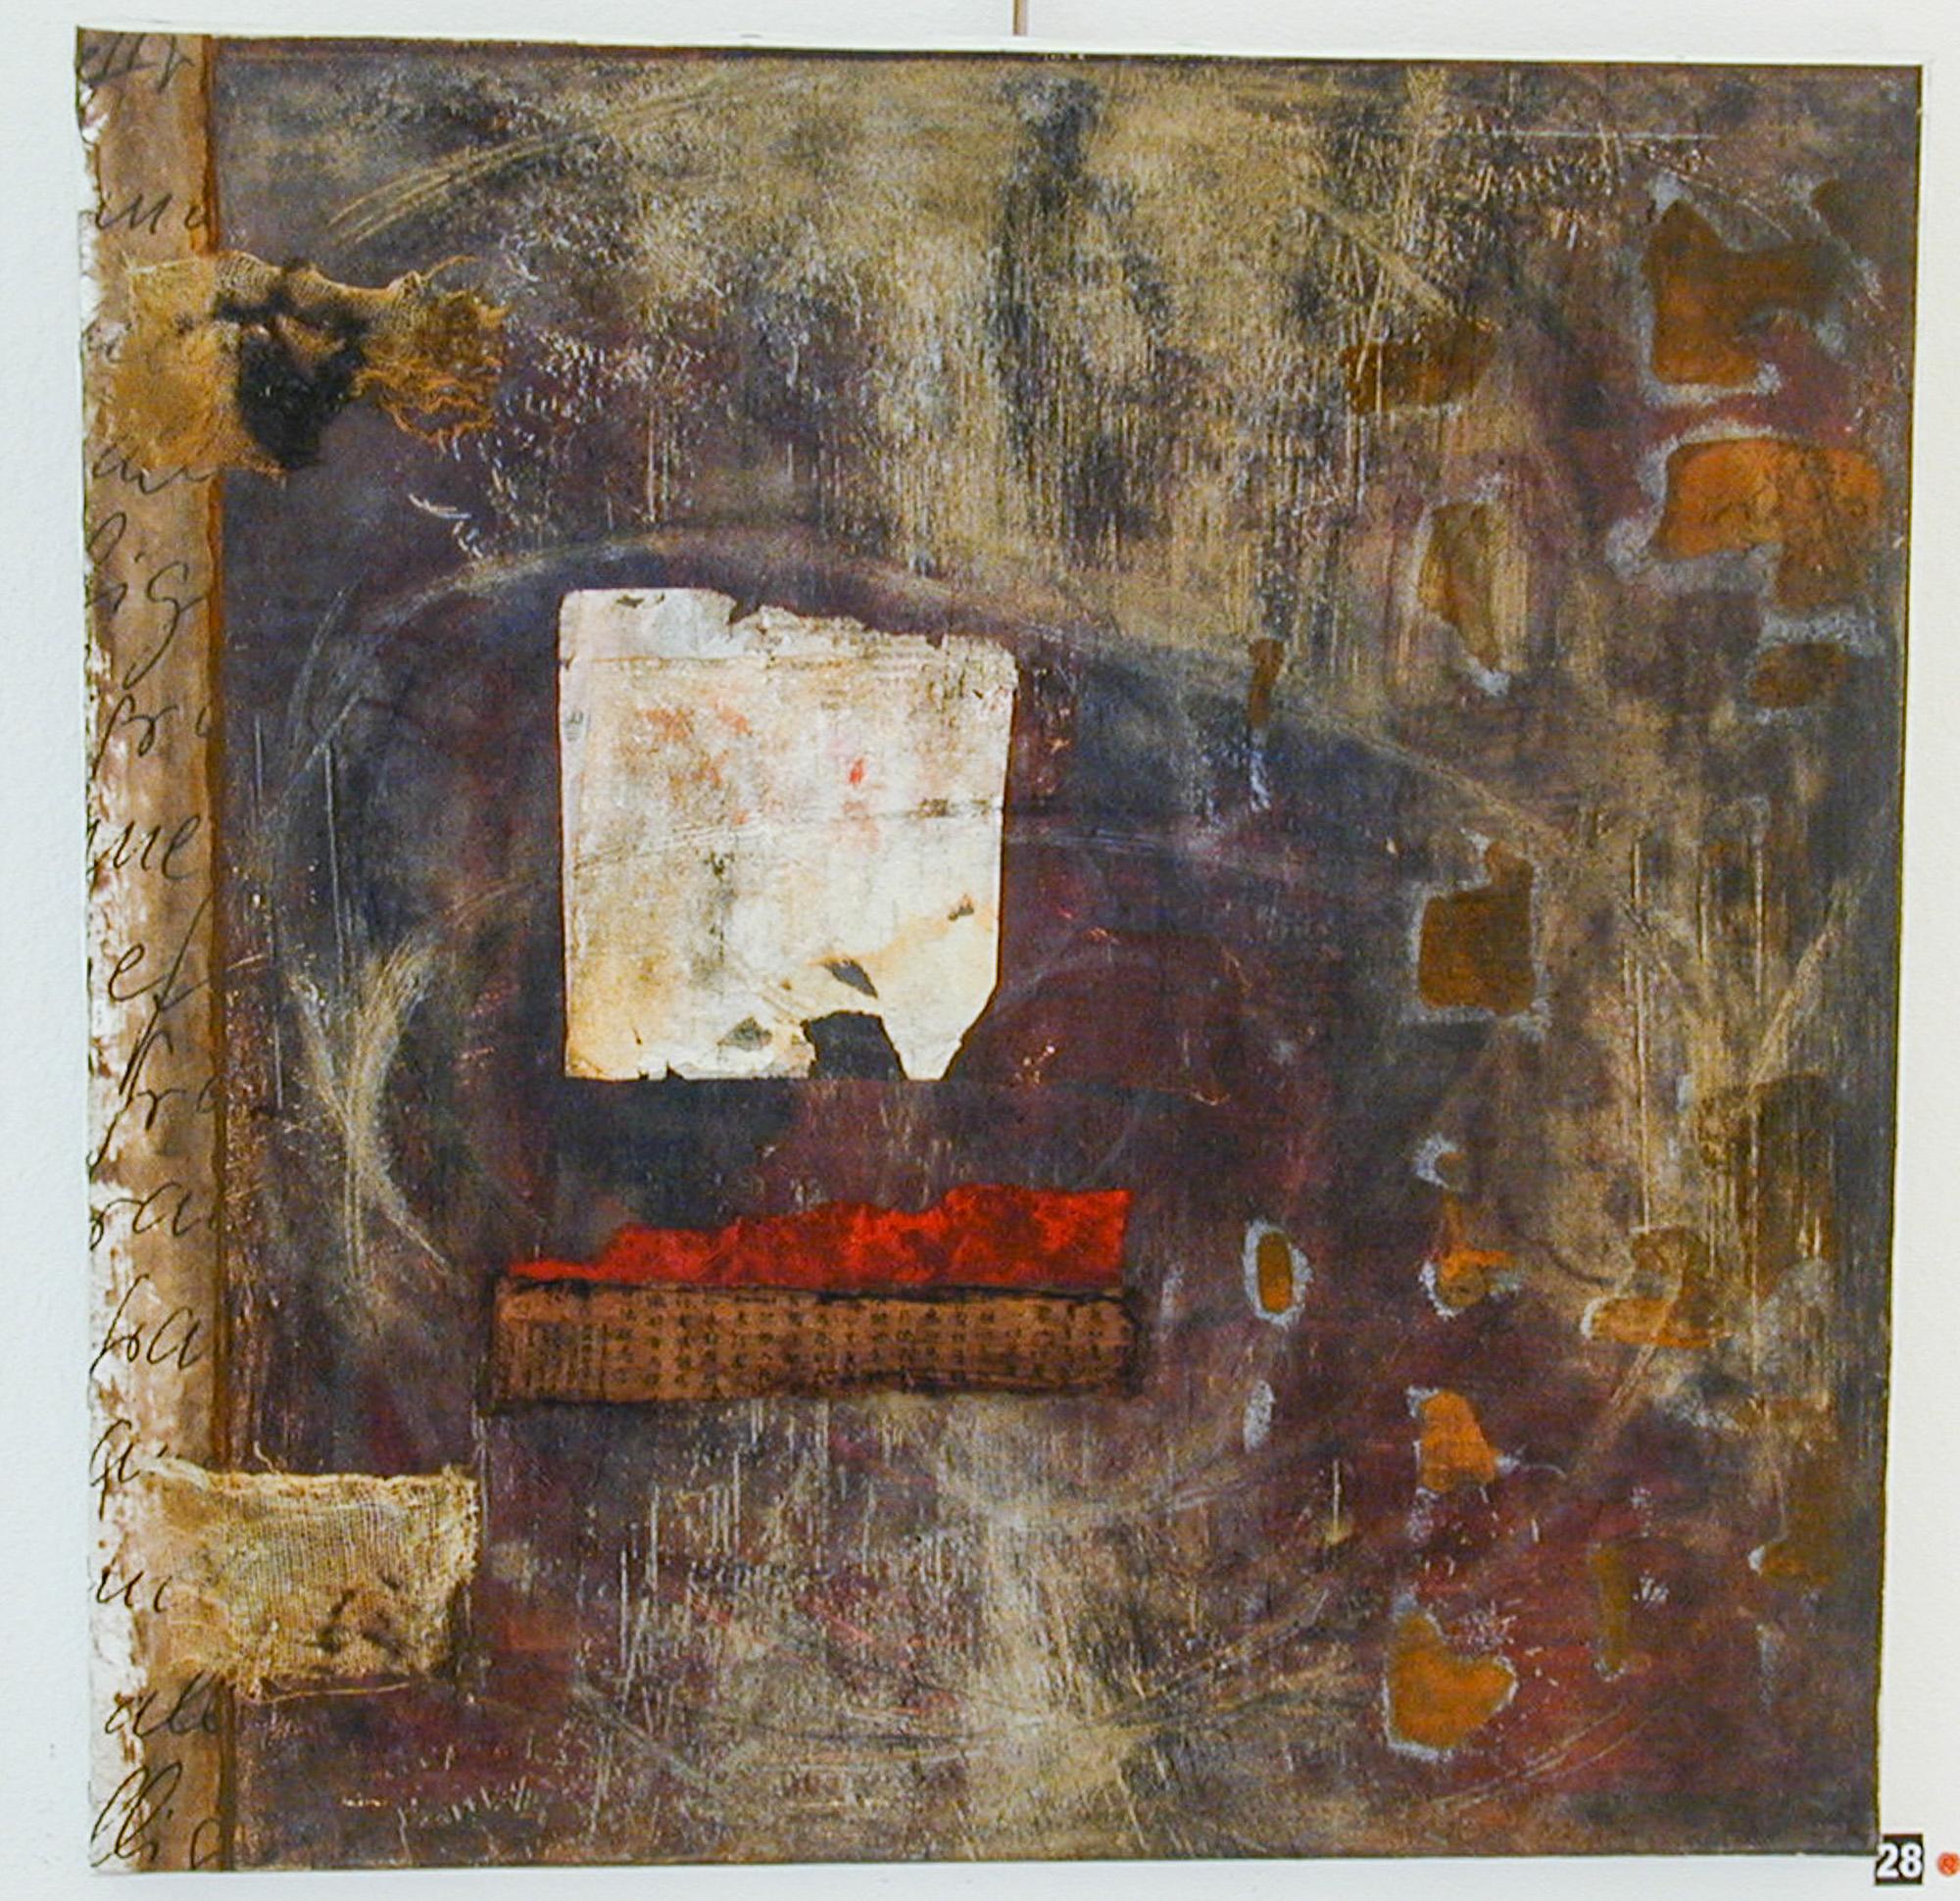 Recueil, 2003, Peinture 100x140cm